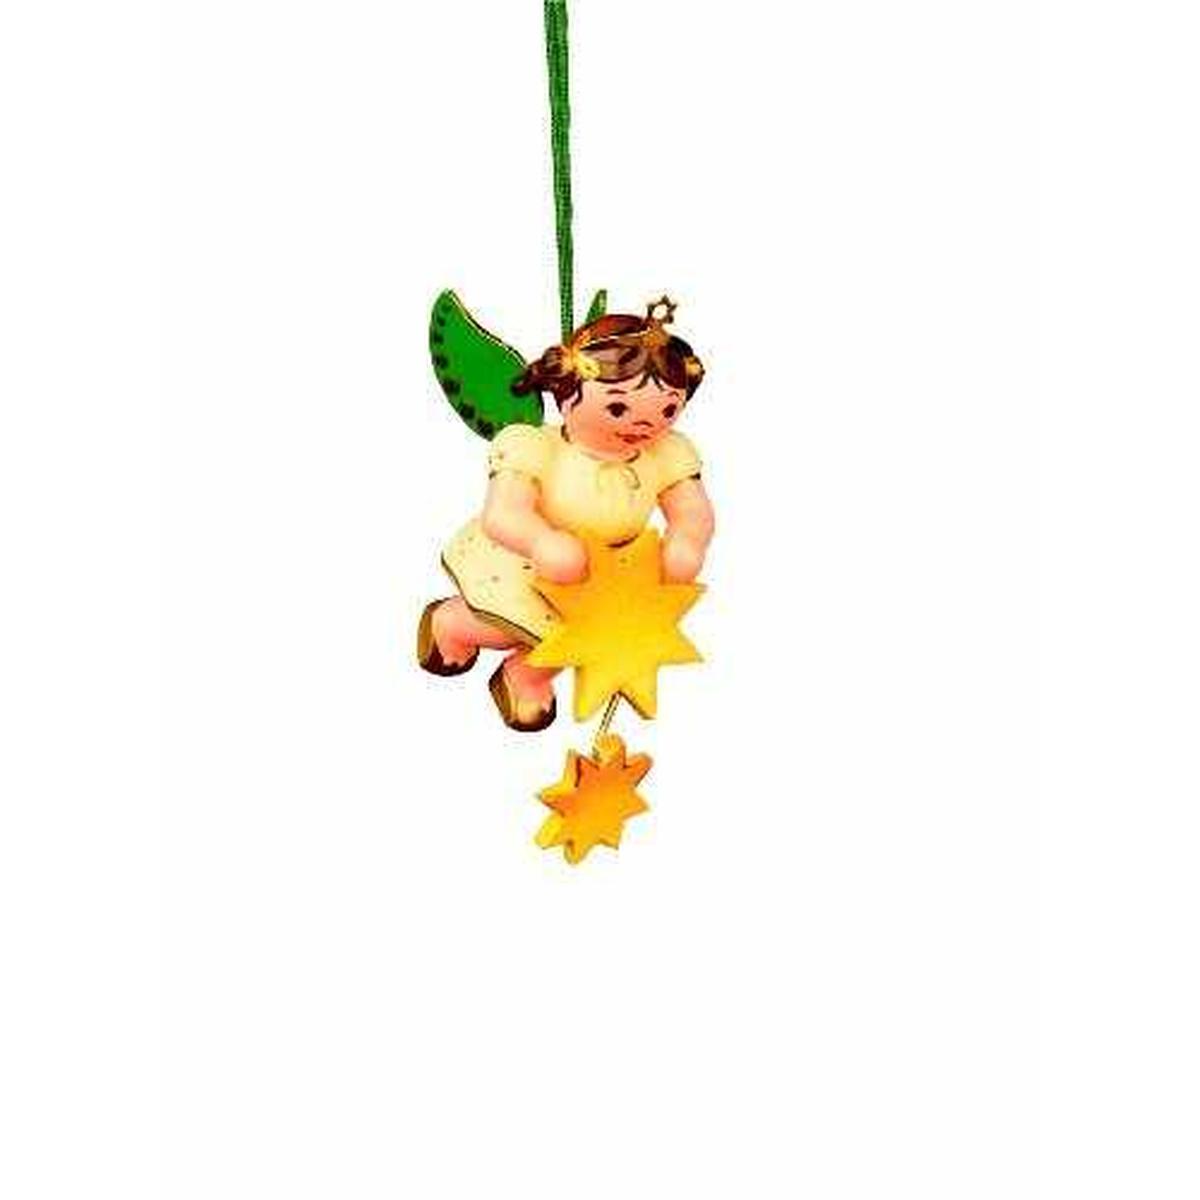 Baumbehang engel sternthaler von hubrig volkskunst f r 13 - Weihnachtsdeko figuren ...